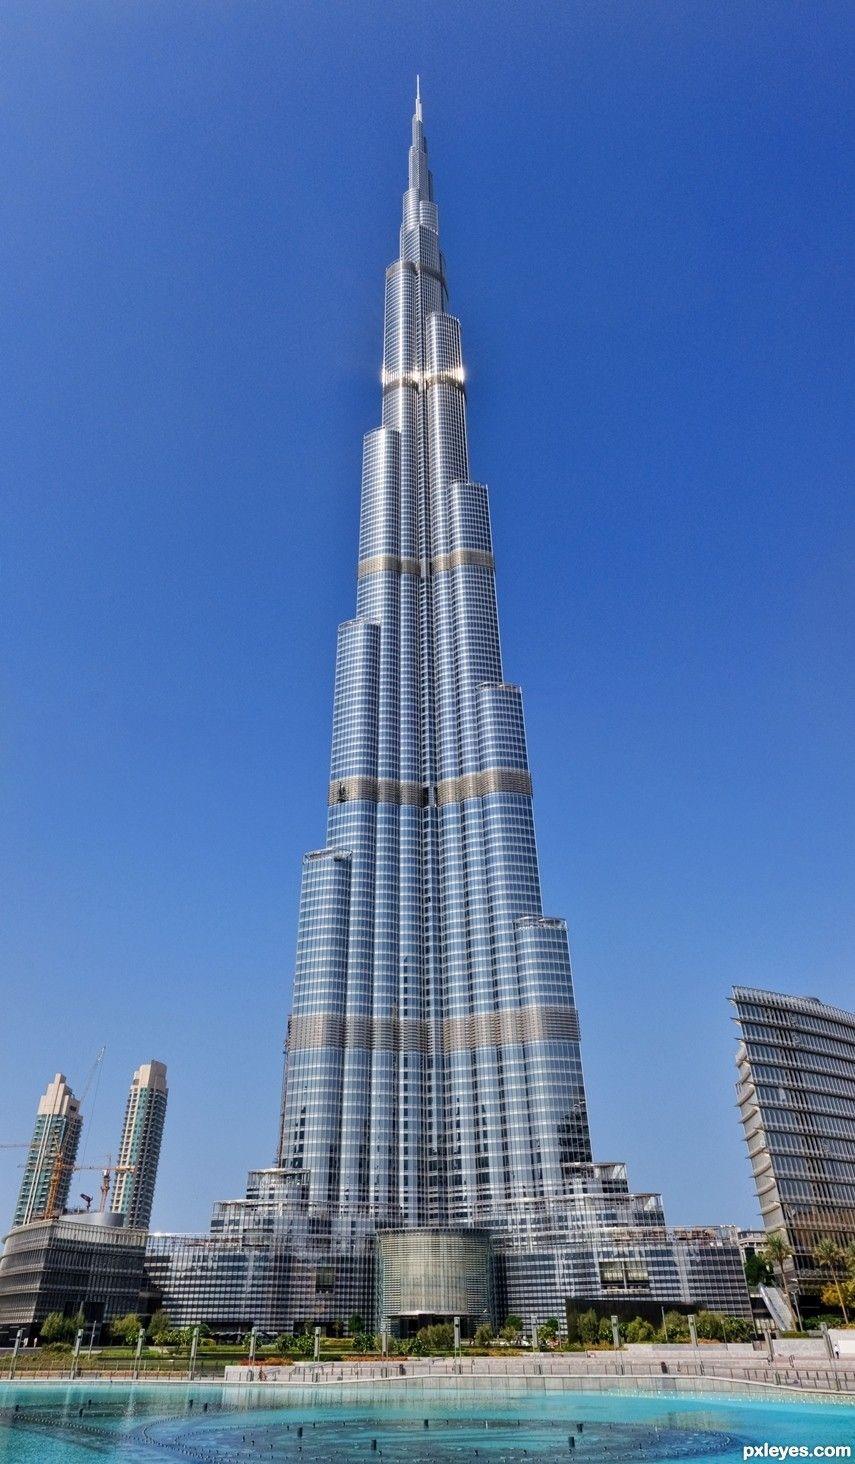 ¿Cuál es la altura total del Burj Khalifa?